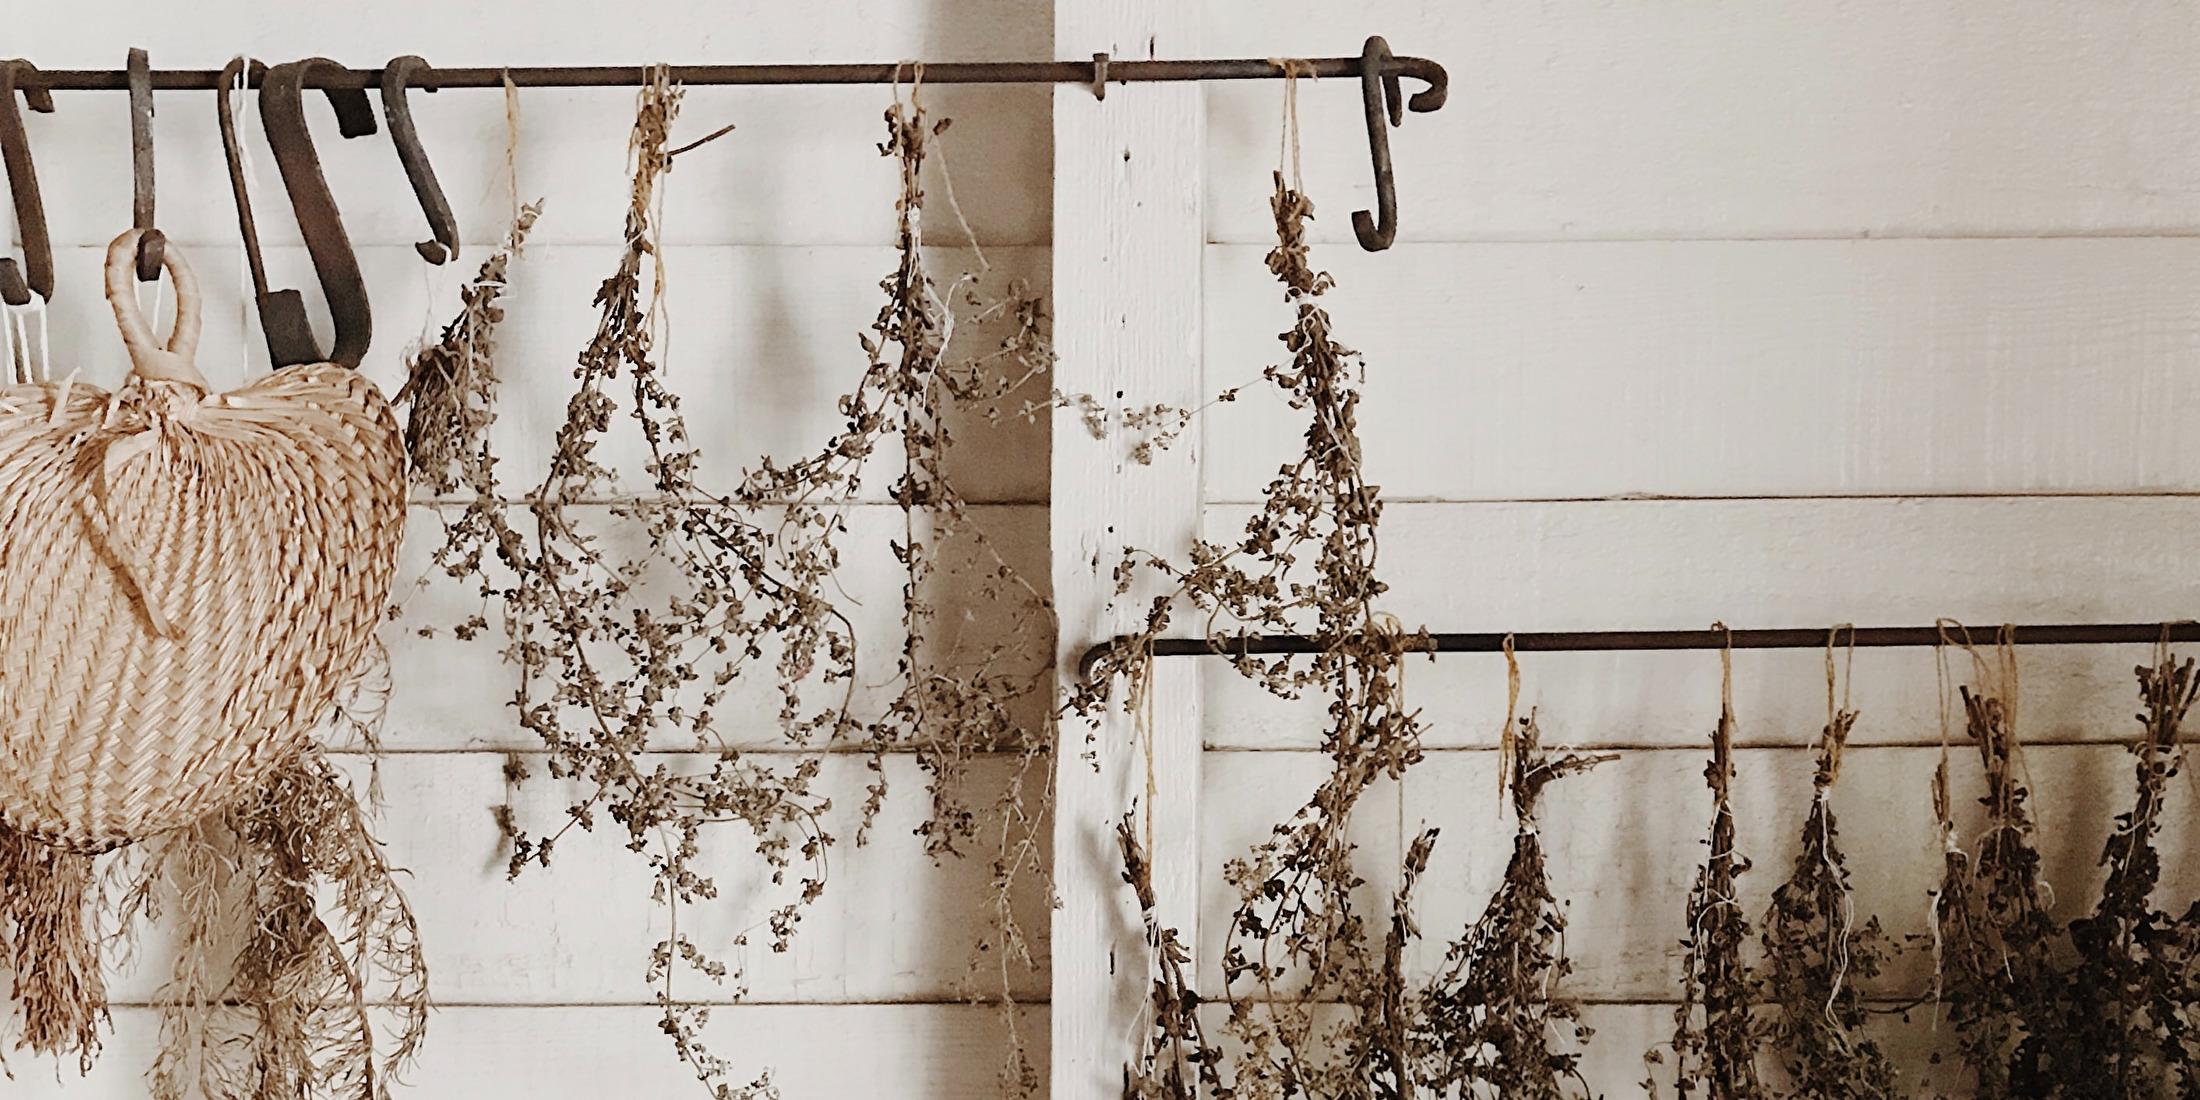 Witte muur met gedroogde bloemen